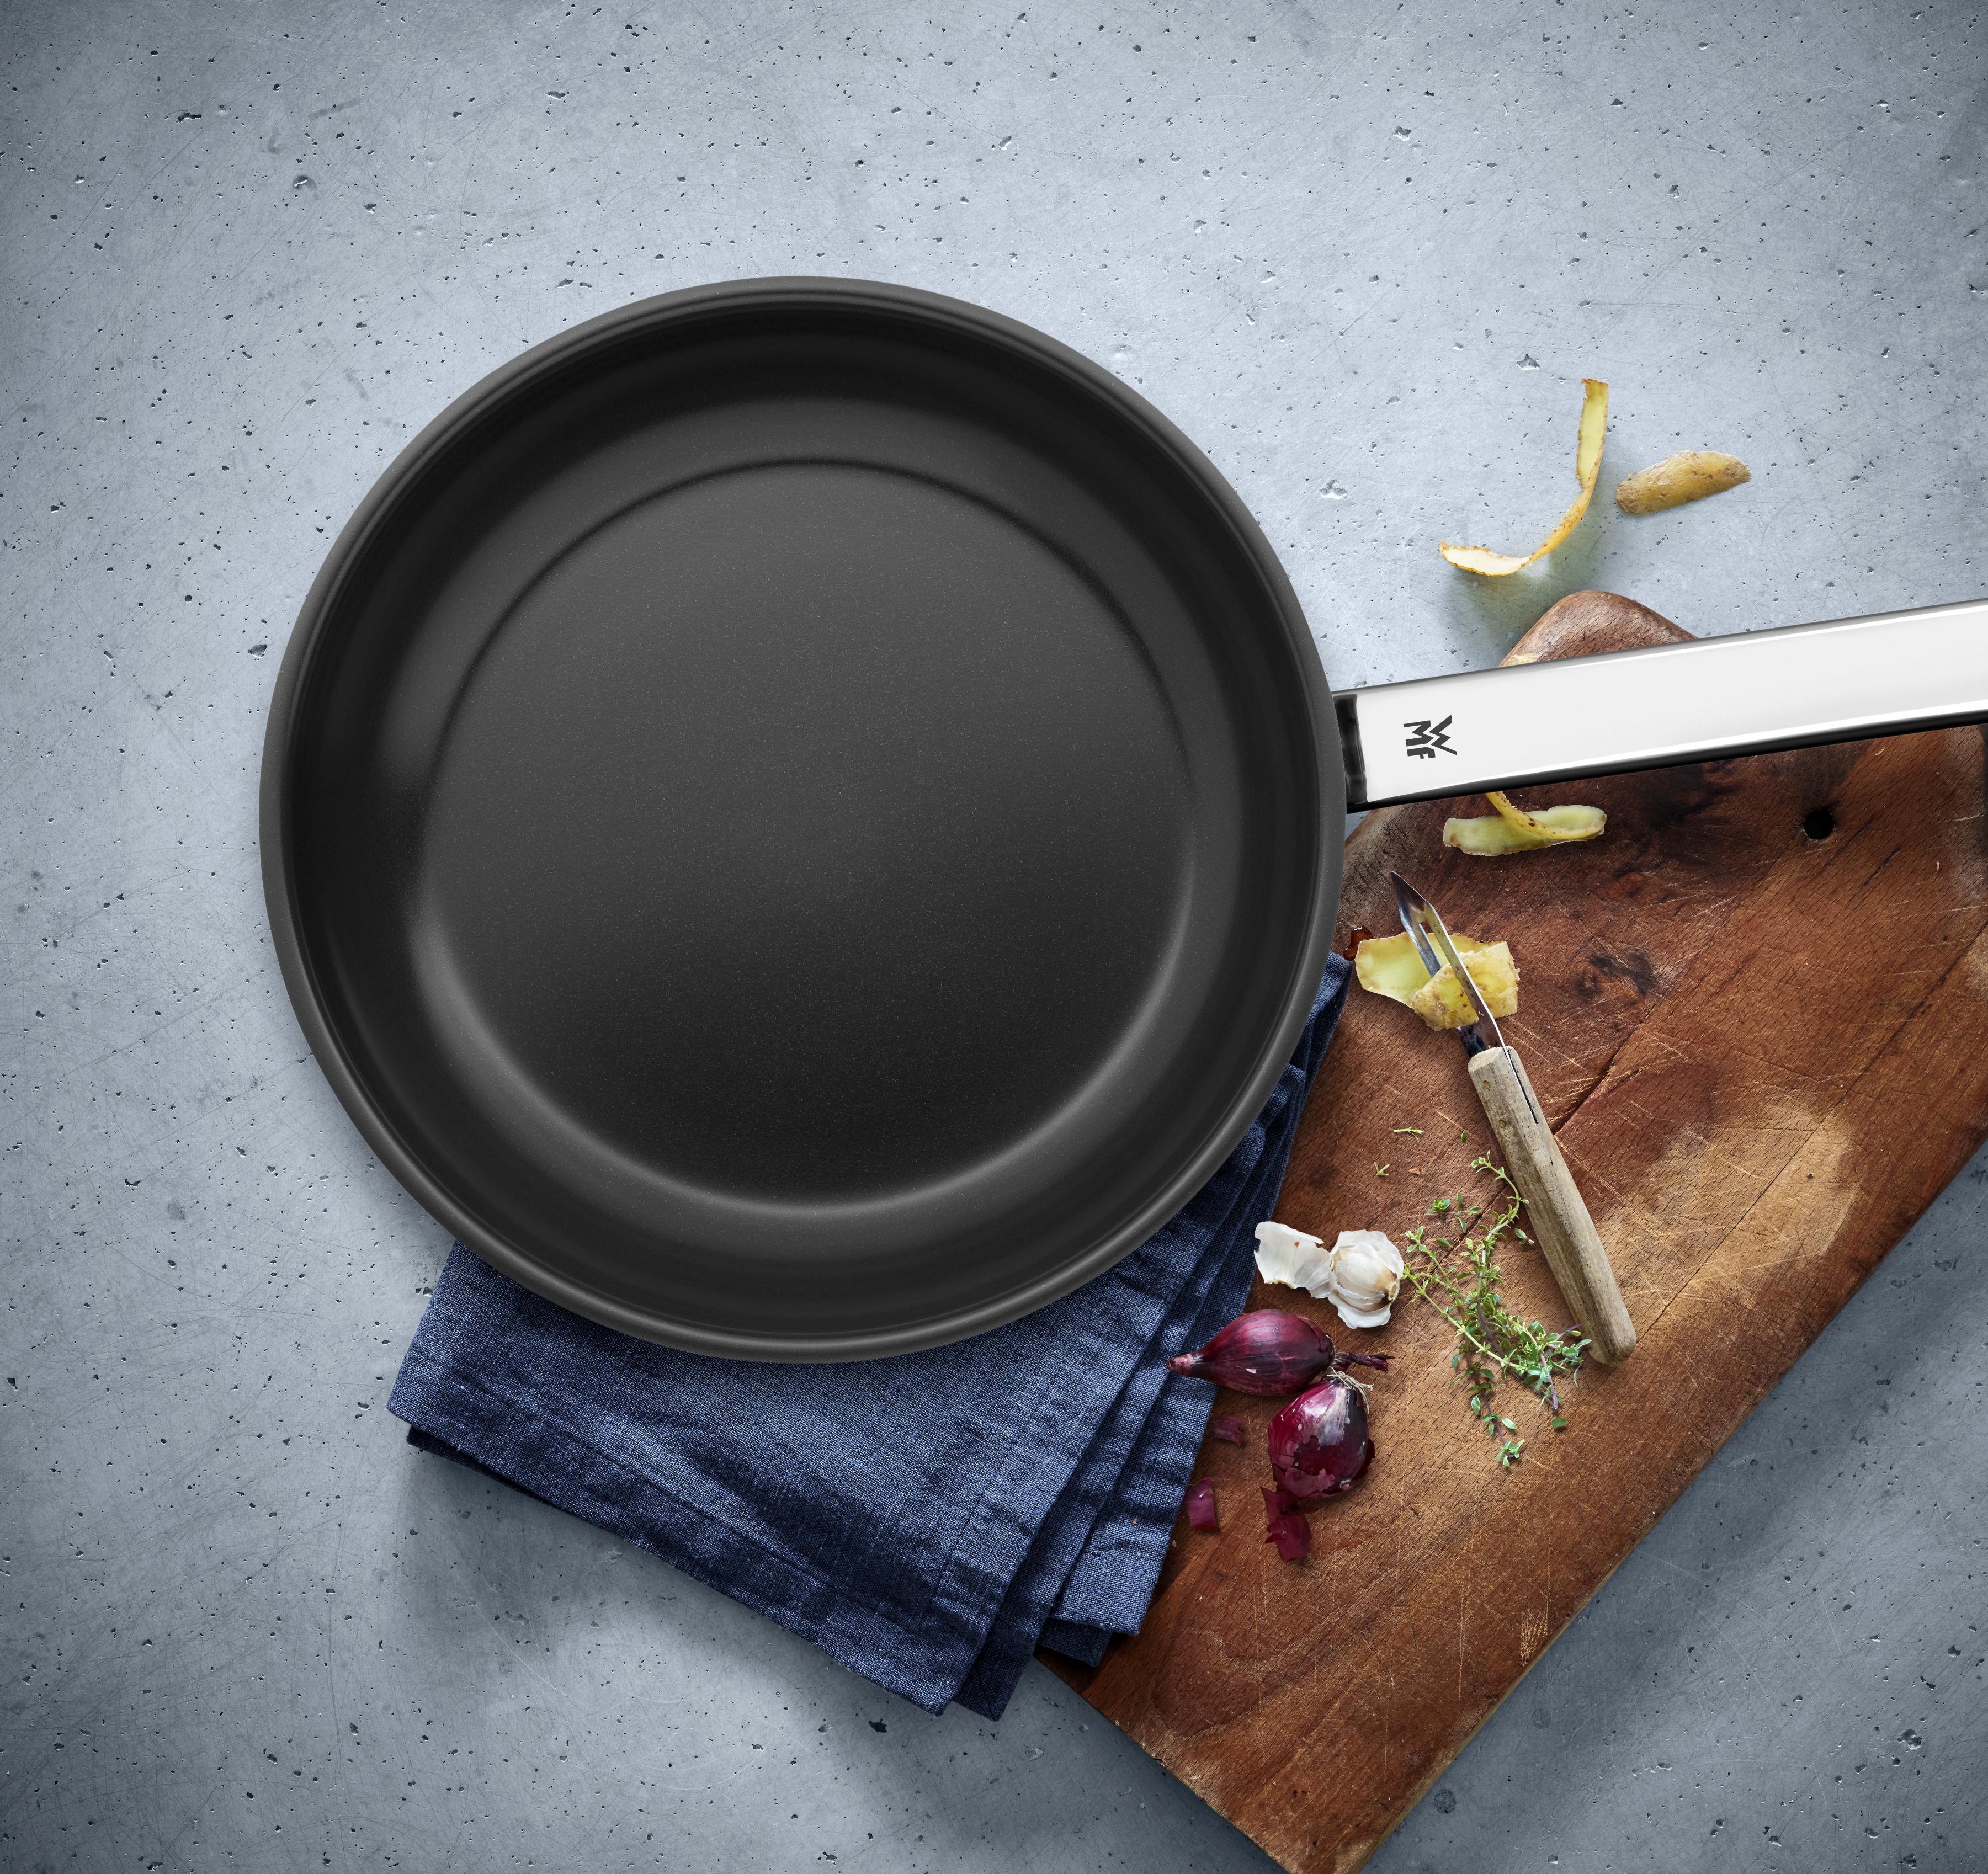 Yapışmaz kaplaması ile pratik ve sağlıklı lezzetler